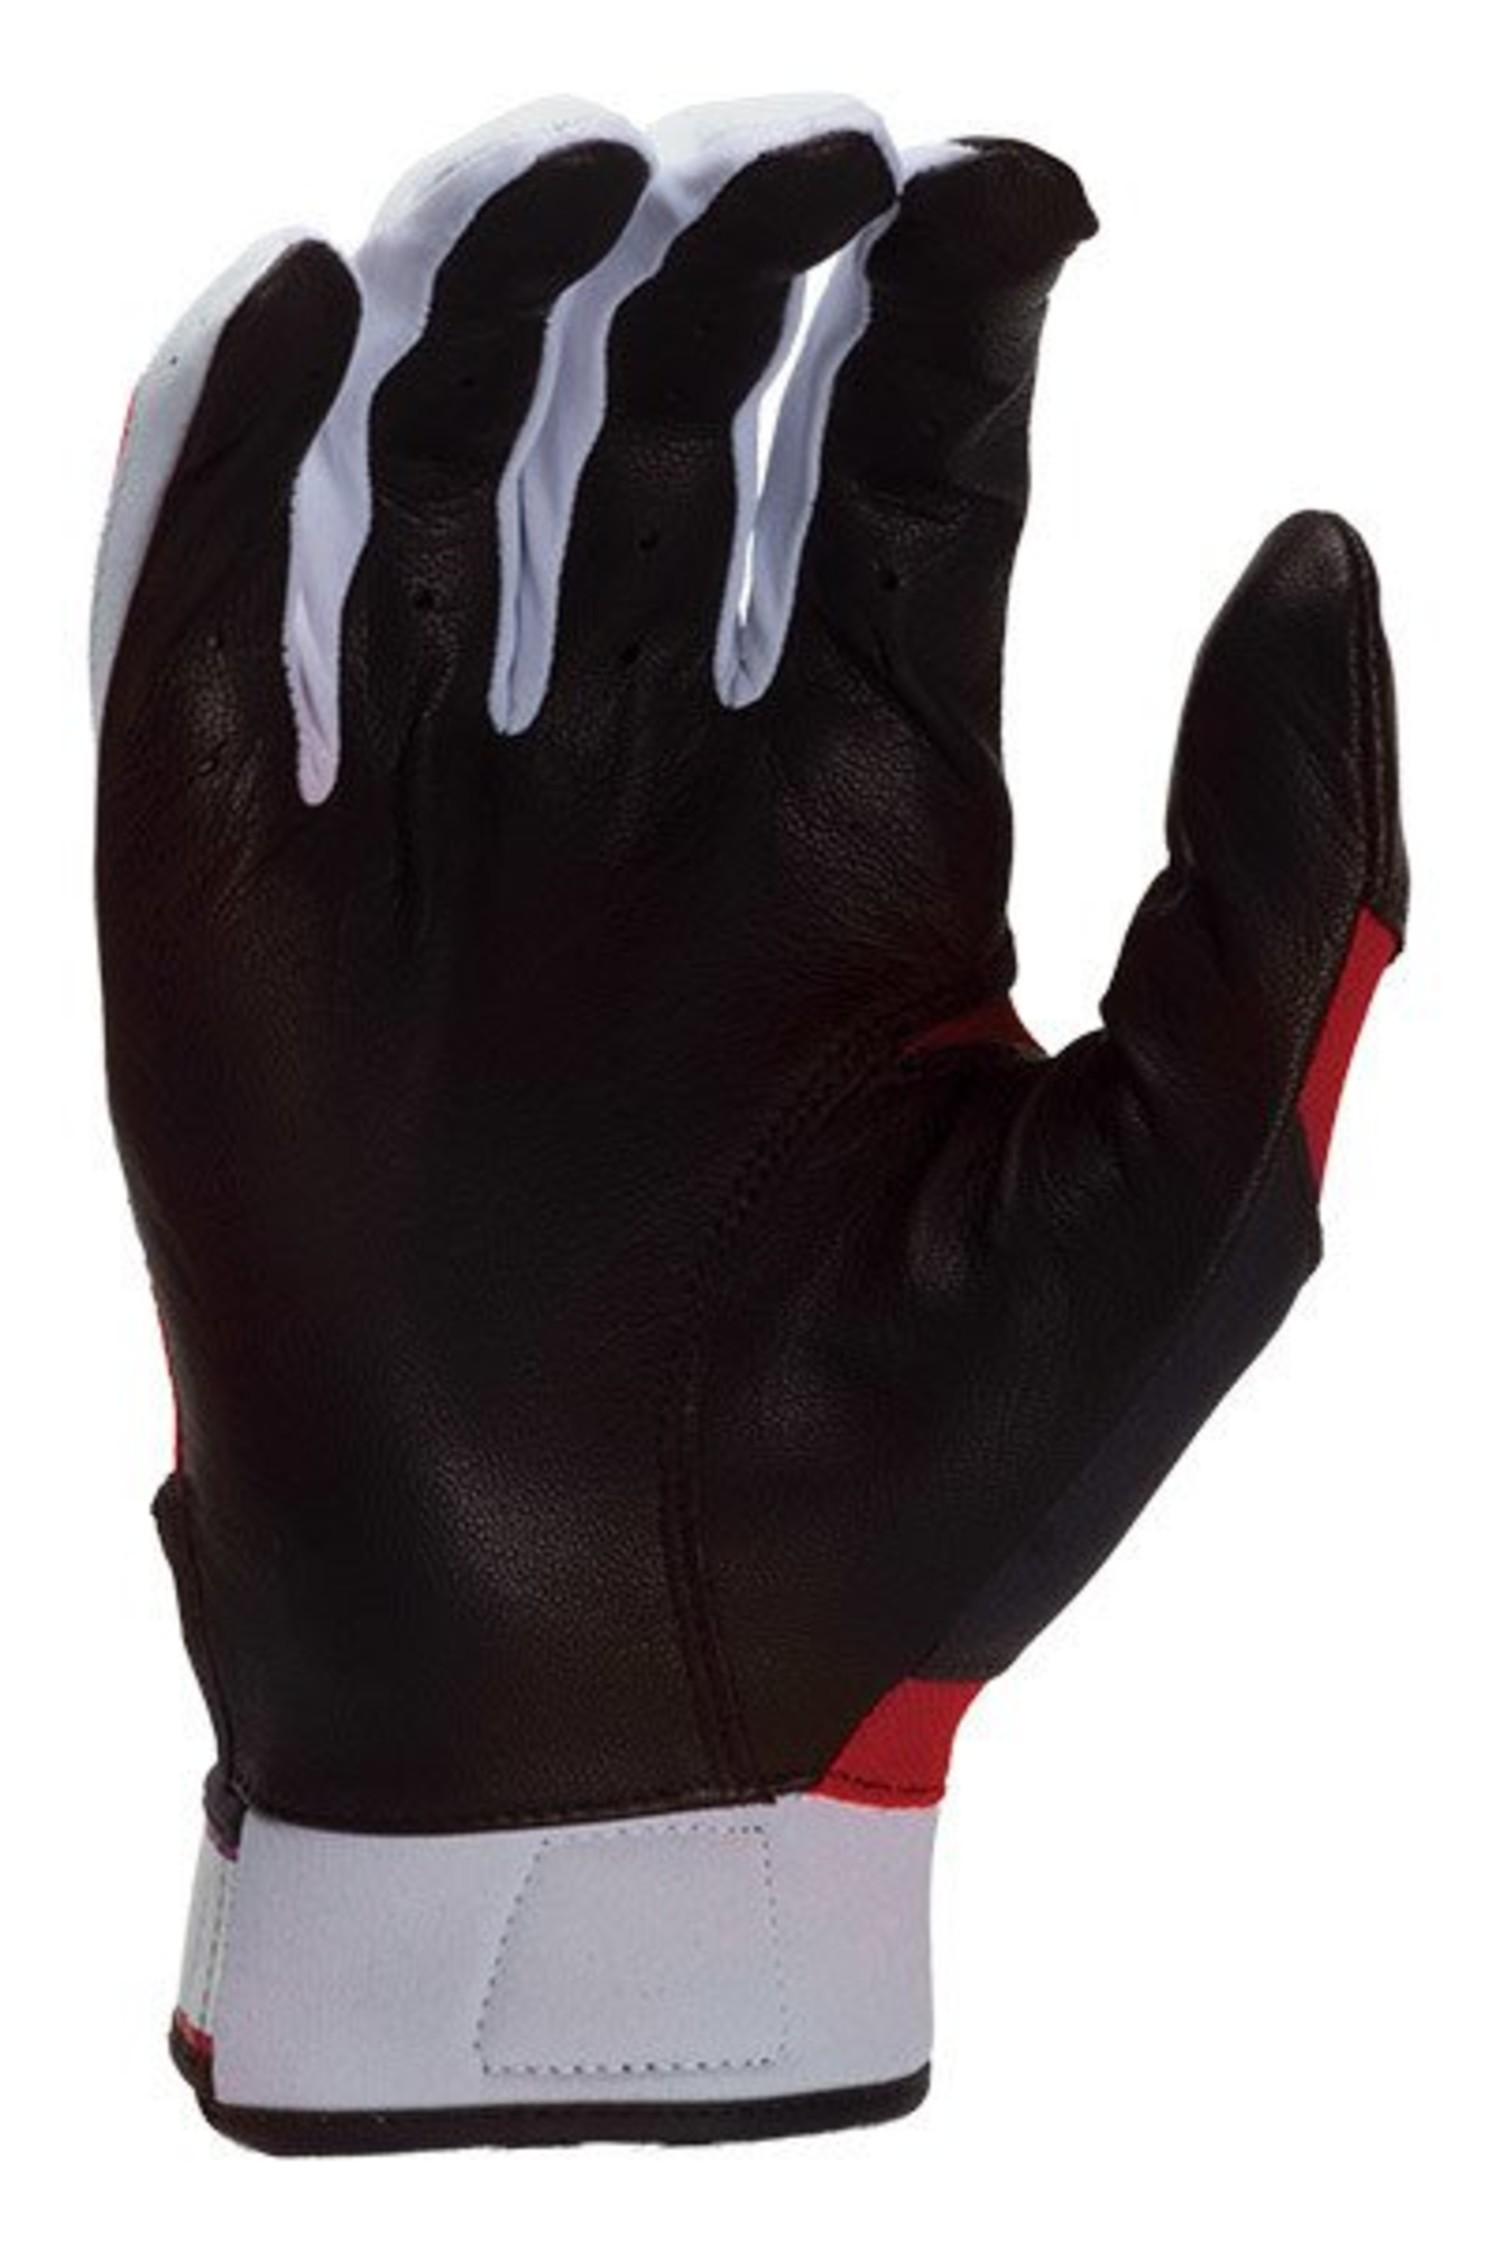 New Easton HS7 Baseball Batting Gloves